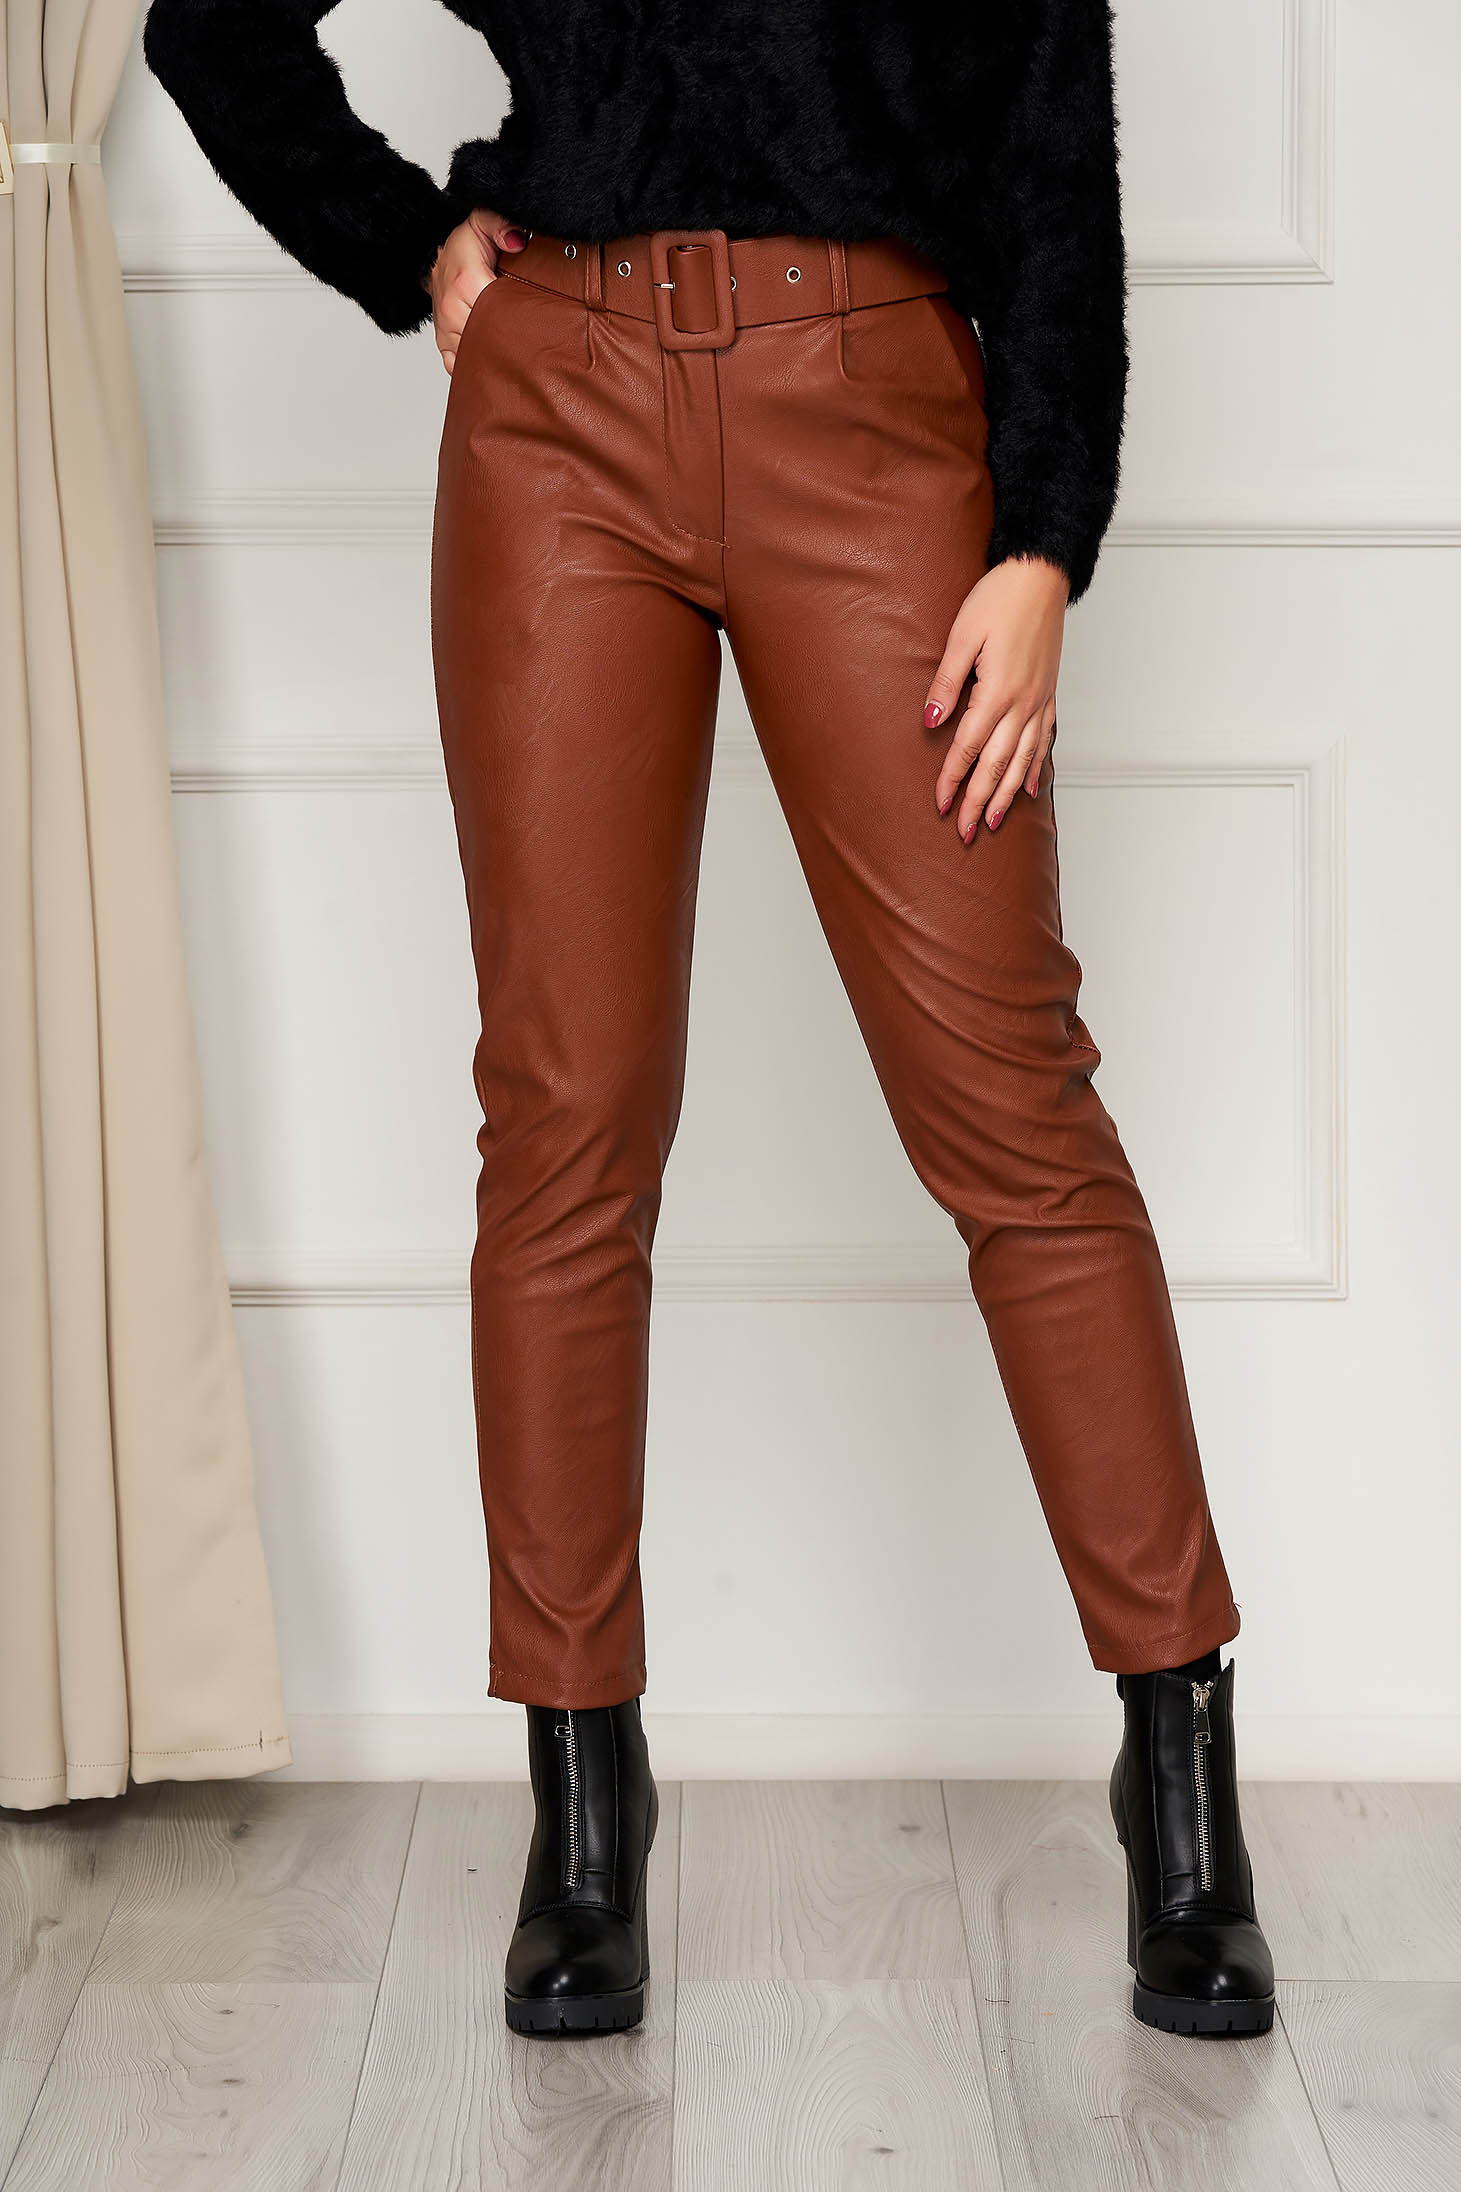 Pantaloni SunShine din piele ecologica maro casual conici cu buzunare cu talie inalta